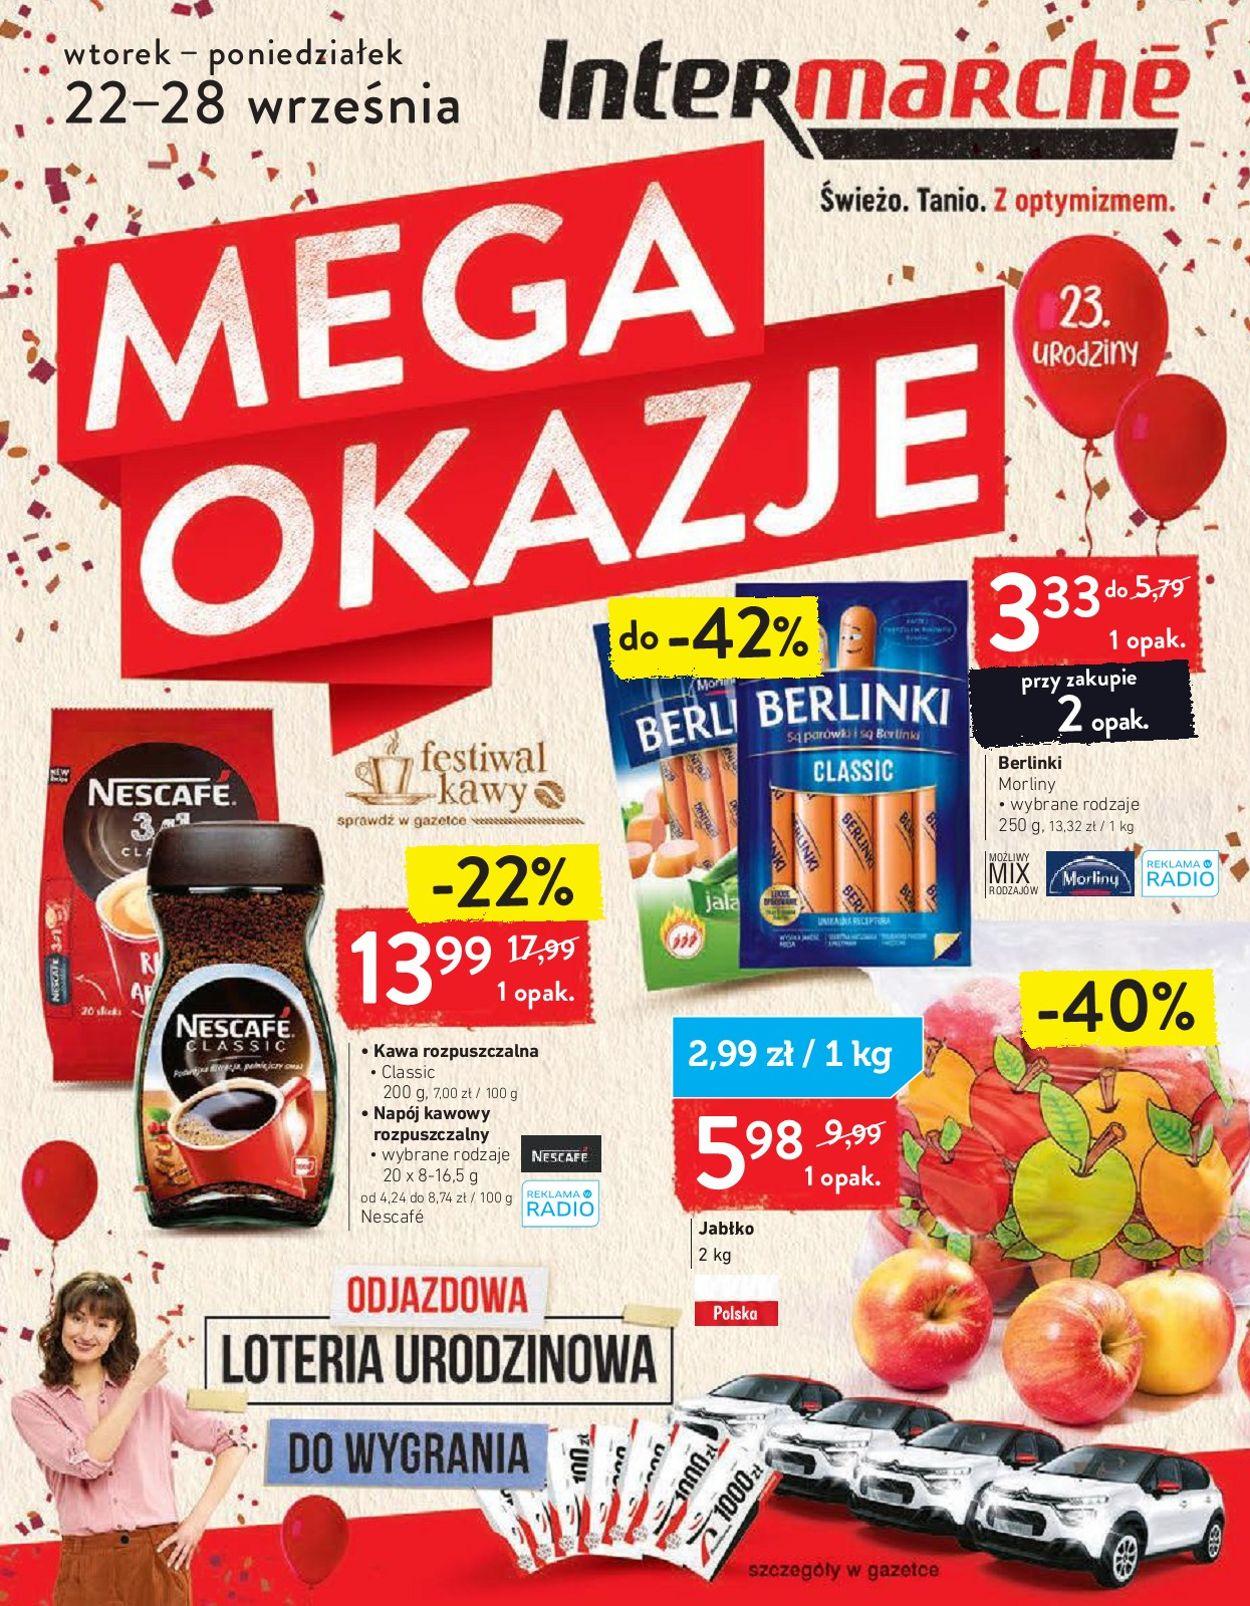 Gazetka promocyjna Intermarché - 22.09-28.09.2020